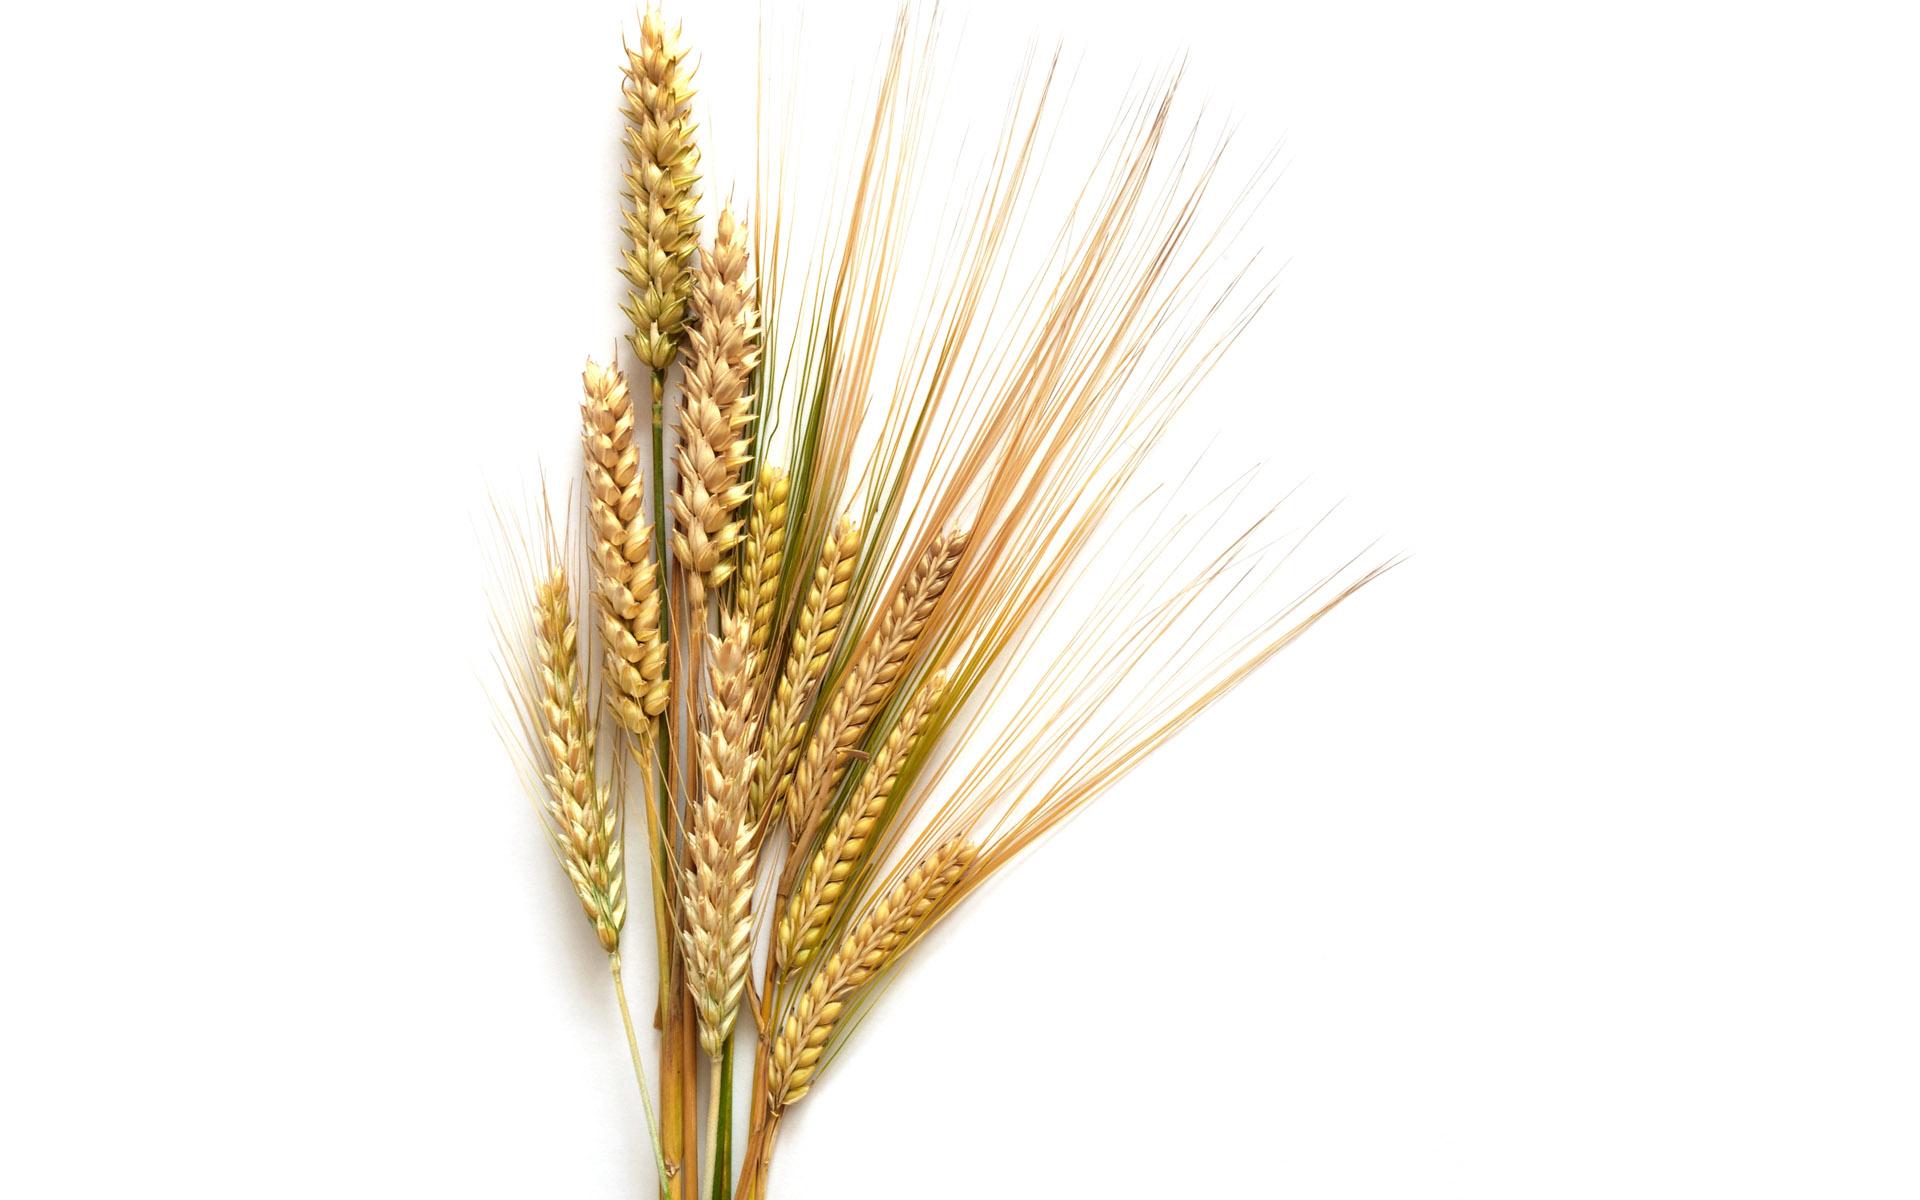 Пшеница картинки для детей, настоящий